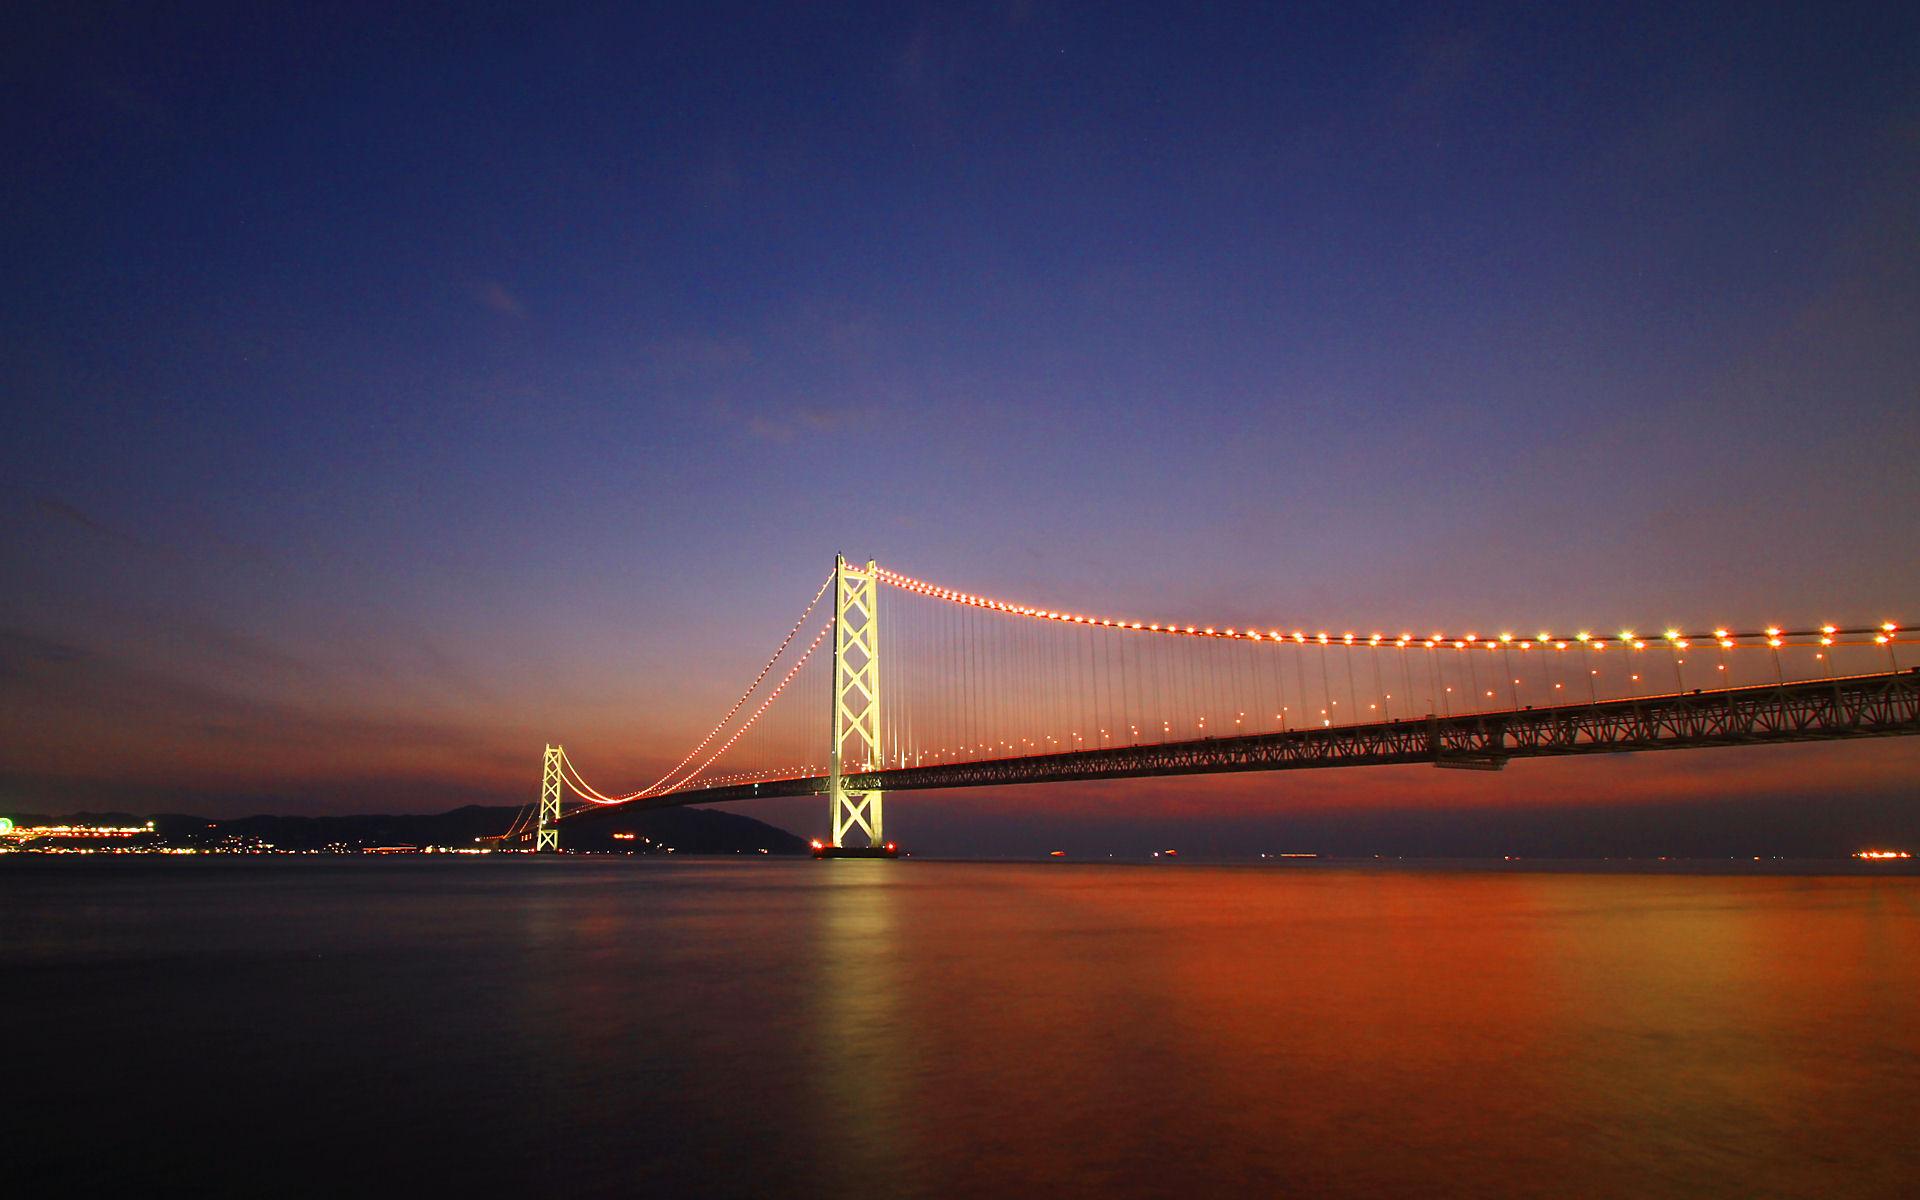 明石海峡大橋の夕景・夜景・イルミネーション